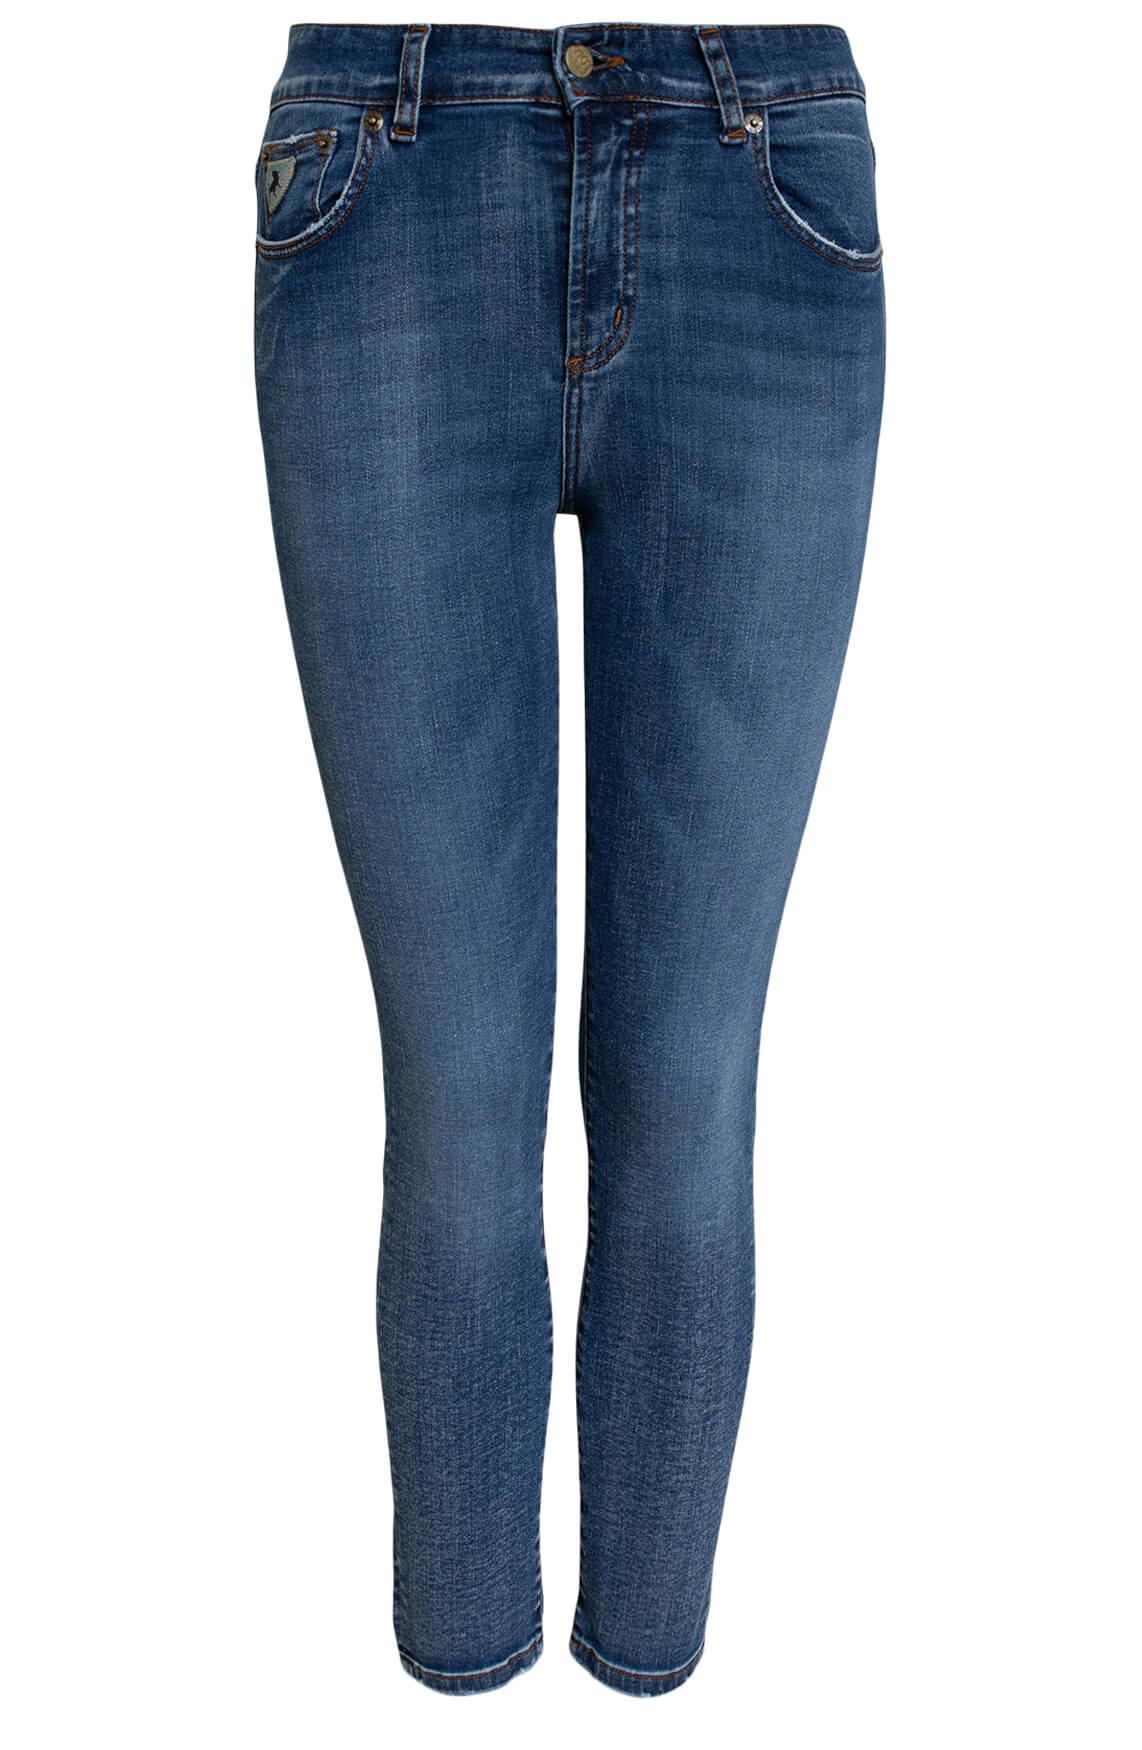 Lois Dames Celia jeans Blauw